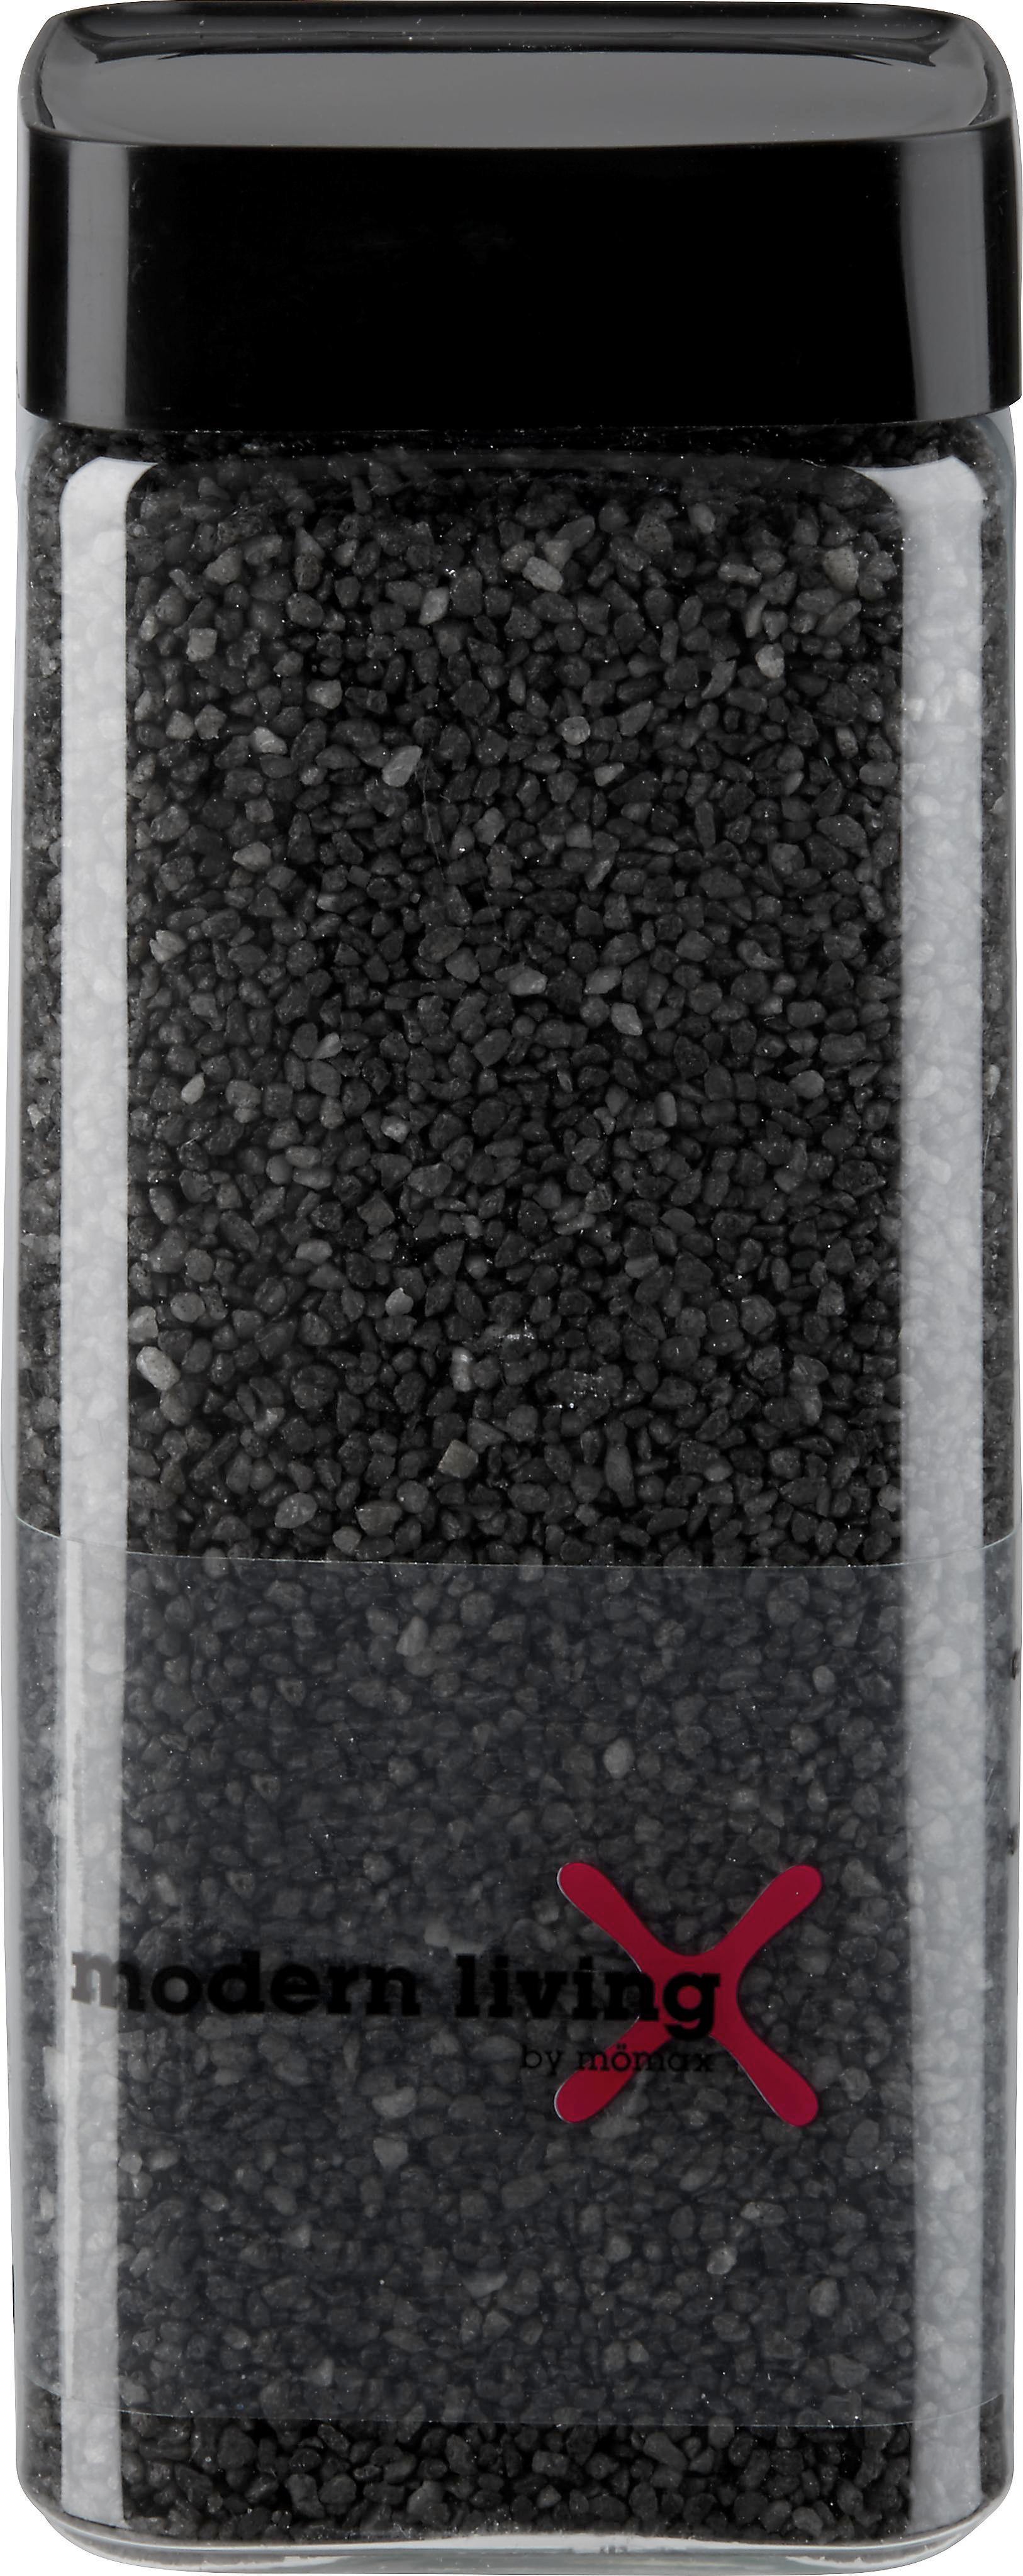 Dekogranulat perlkies in Anthrazit - Anthrazit, KONVENTIONELL, Stein (0,550l)